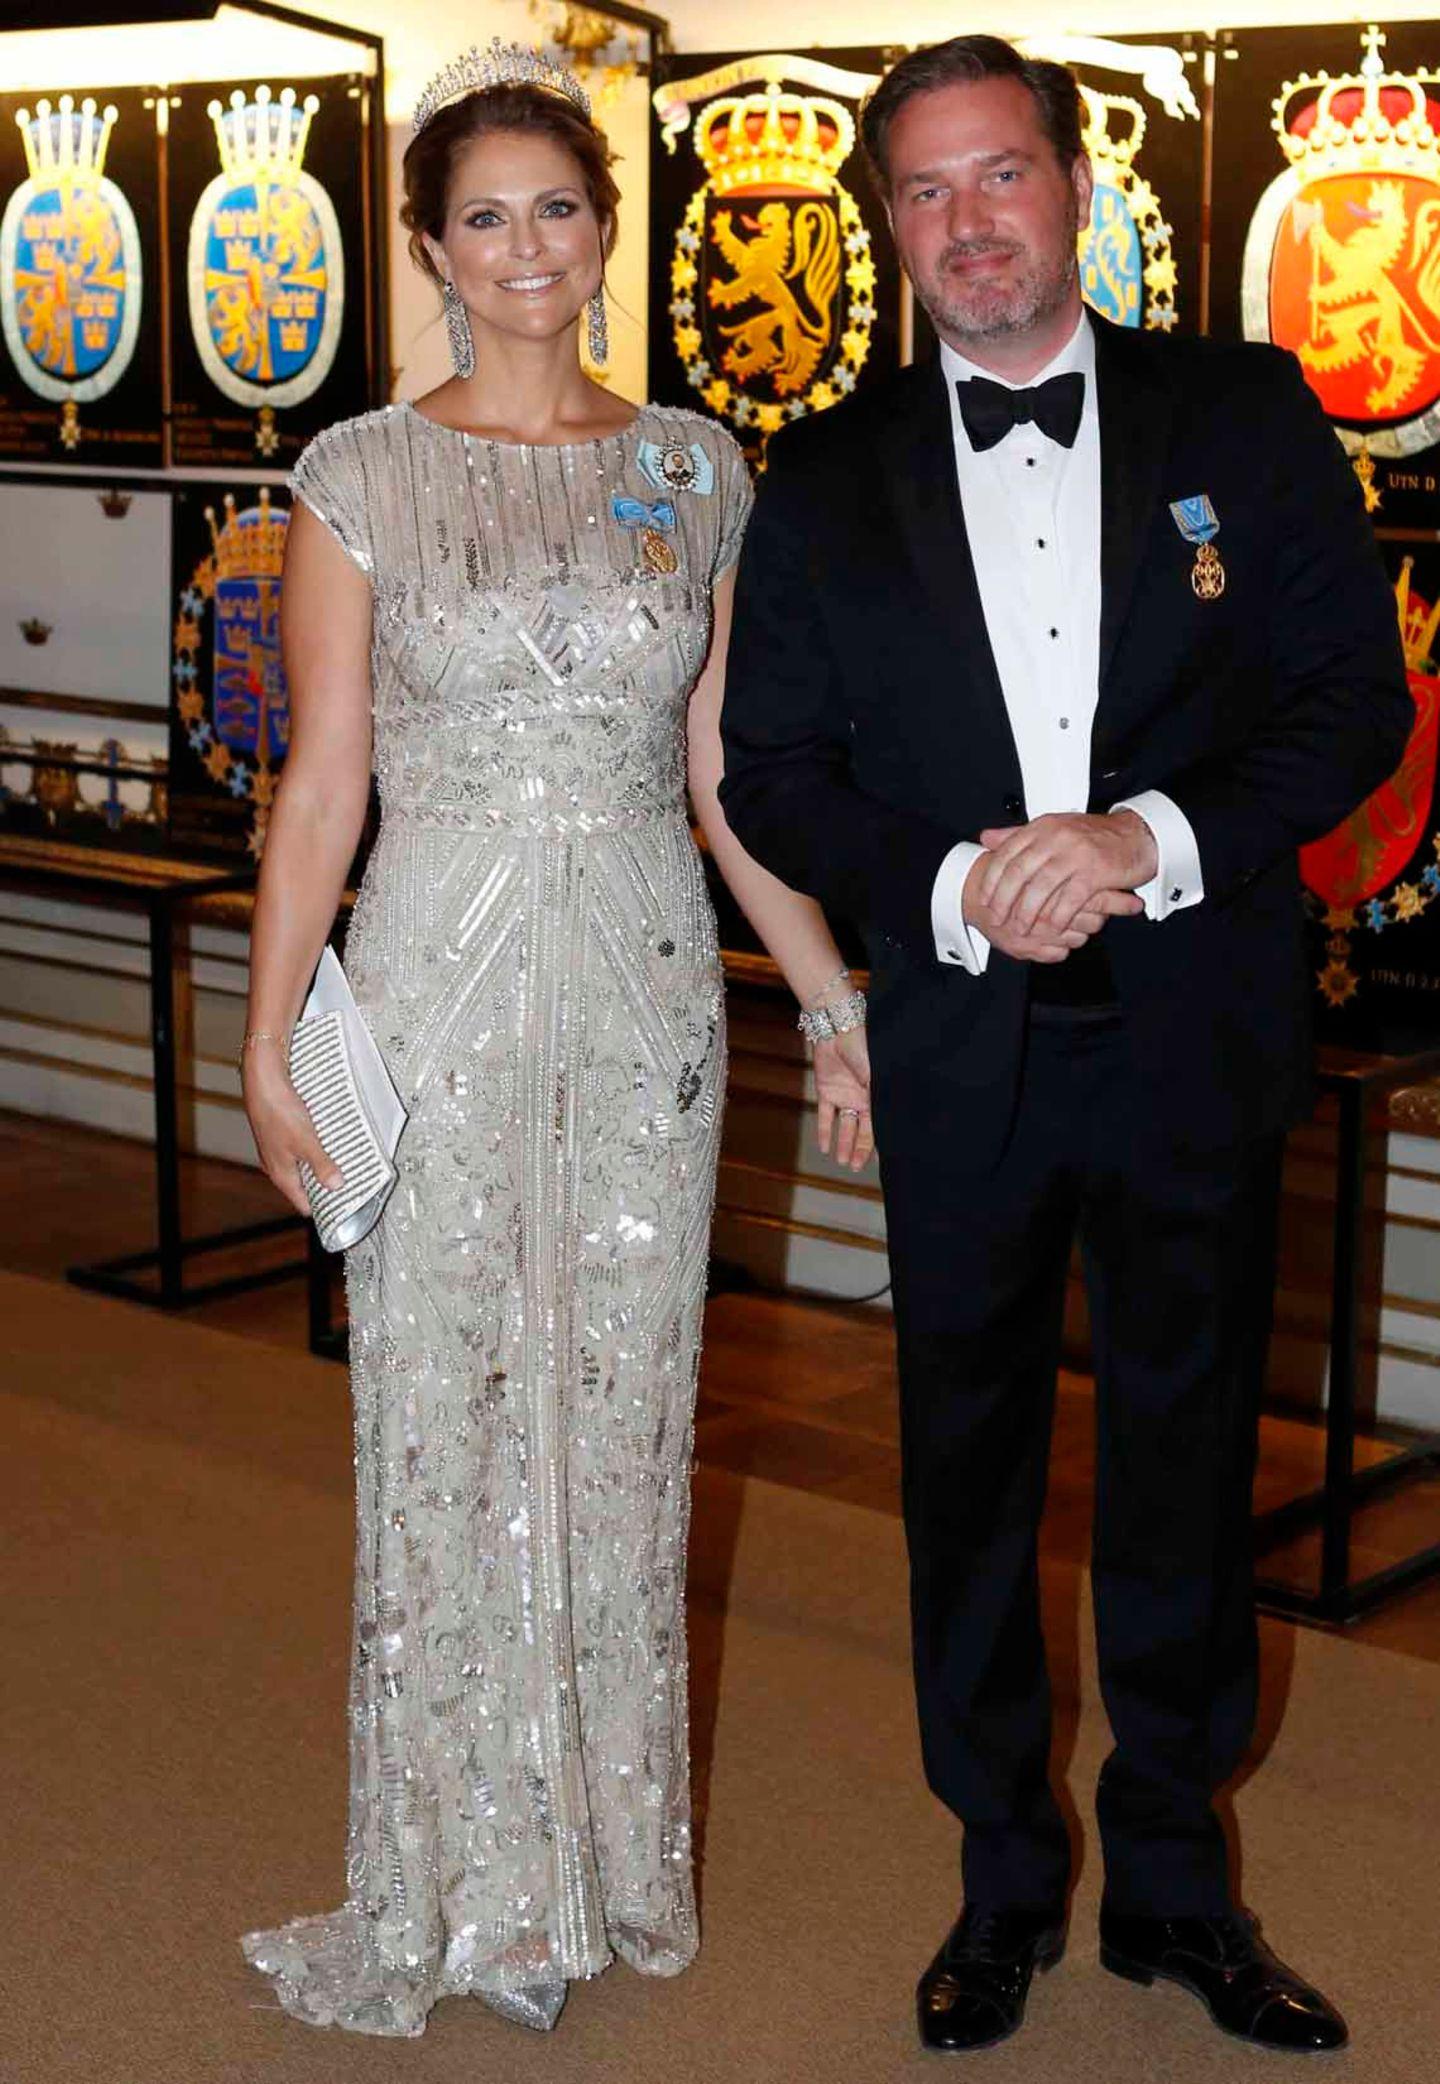 Zum feierlichen Geburtstags-Bankett von König Carl Gustaf am Abend (30. April 2016): Madeleine stahl mit ihrem Paillettenkleid von Elie Saab fast allen Gästen die Show. Auf ihrem Kopf funkelt das Diadem, welches sie bereits zu ihrer Hochzeit trug. Auch das Kleid erinnert an ihre Hochzeit, denn sie trug es am Abend vor ihrer Eheschließung mit Chris O'Neill.